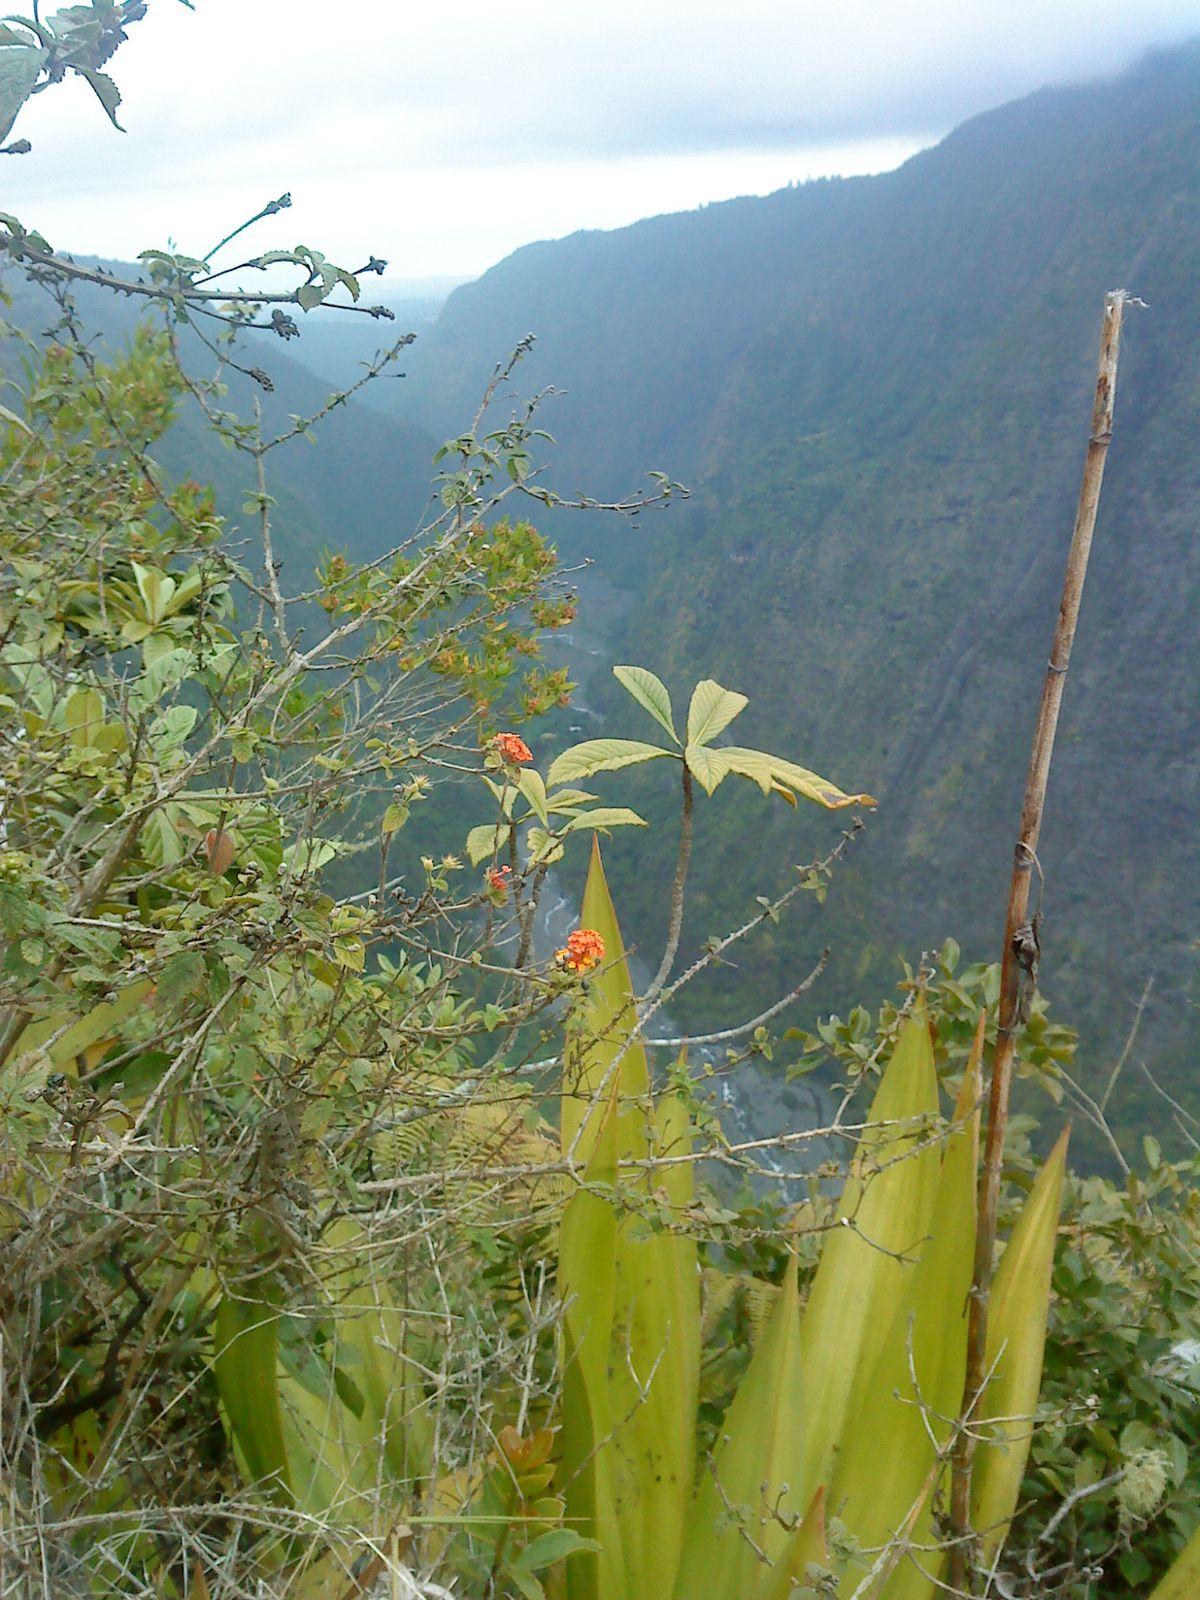 6 jours intenses pour aller plus loin dans ma découverte de l'Ile.De Bourg Murat,entre la plaine des palmiste et celle des Caffres à 1300 d'altitude,nuages et brouillard , le temps change aussi vite que les nuages qui passent. Nous partons explorer